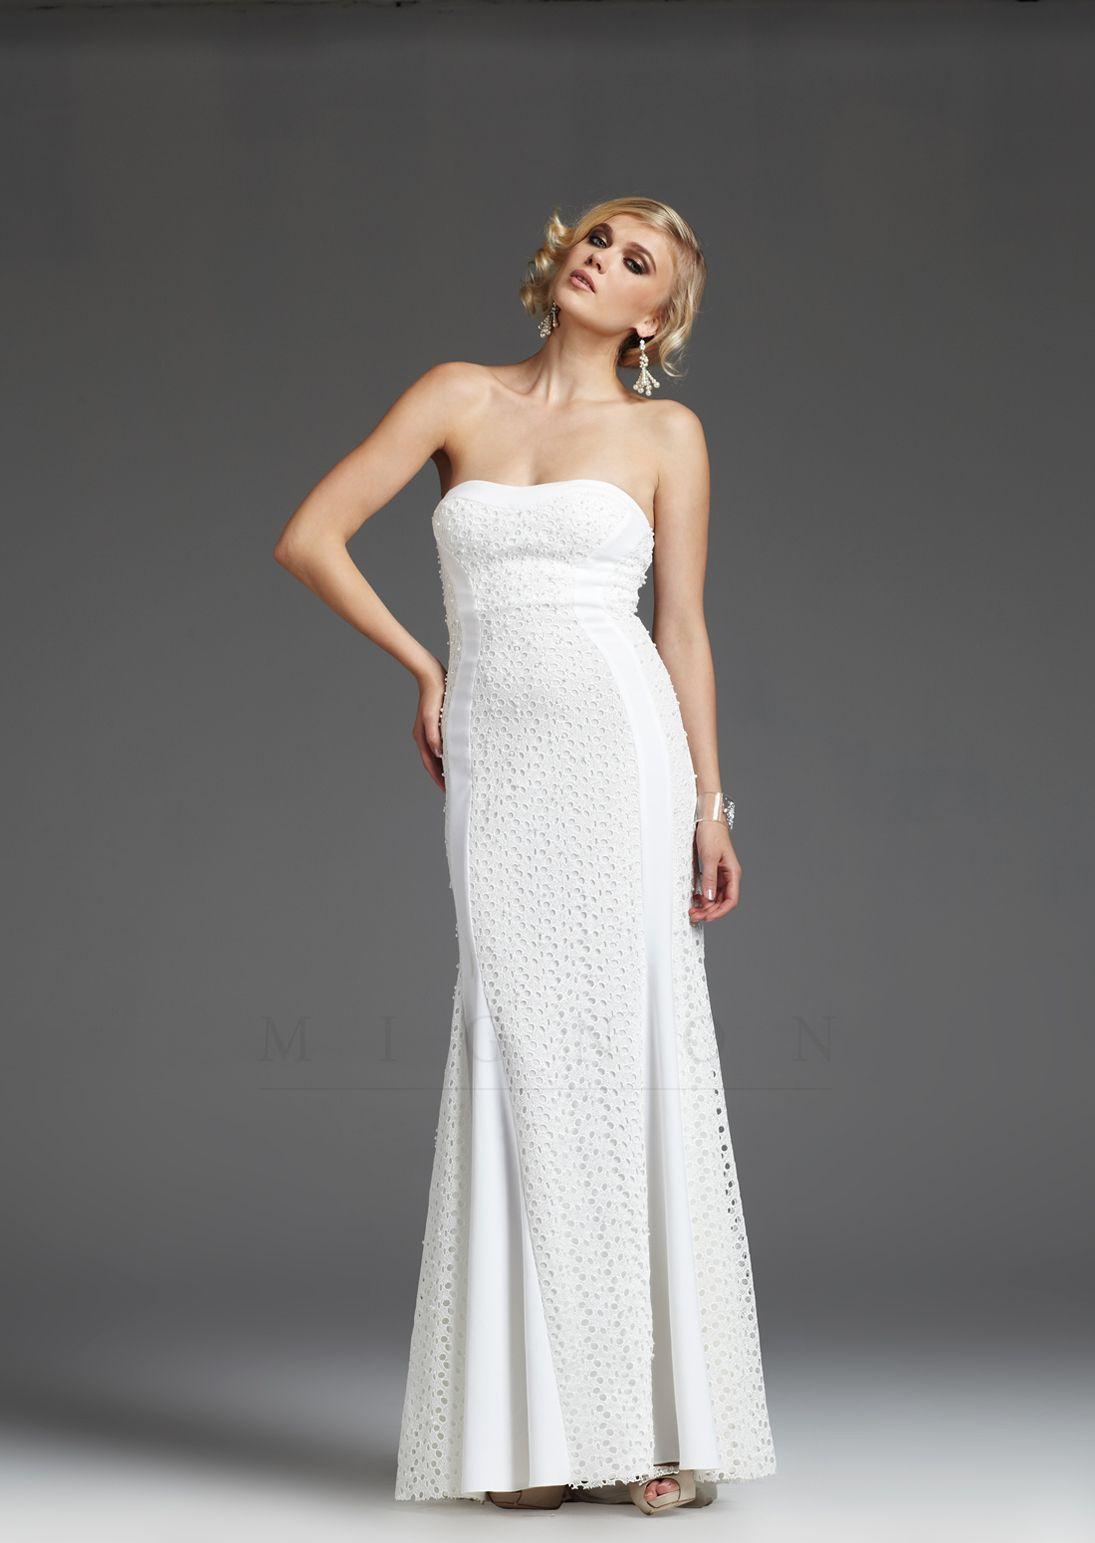 Unique vintage gowns